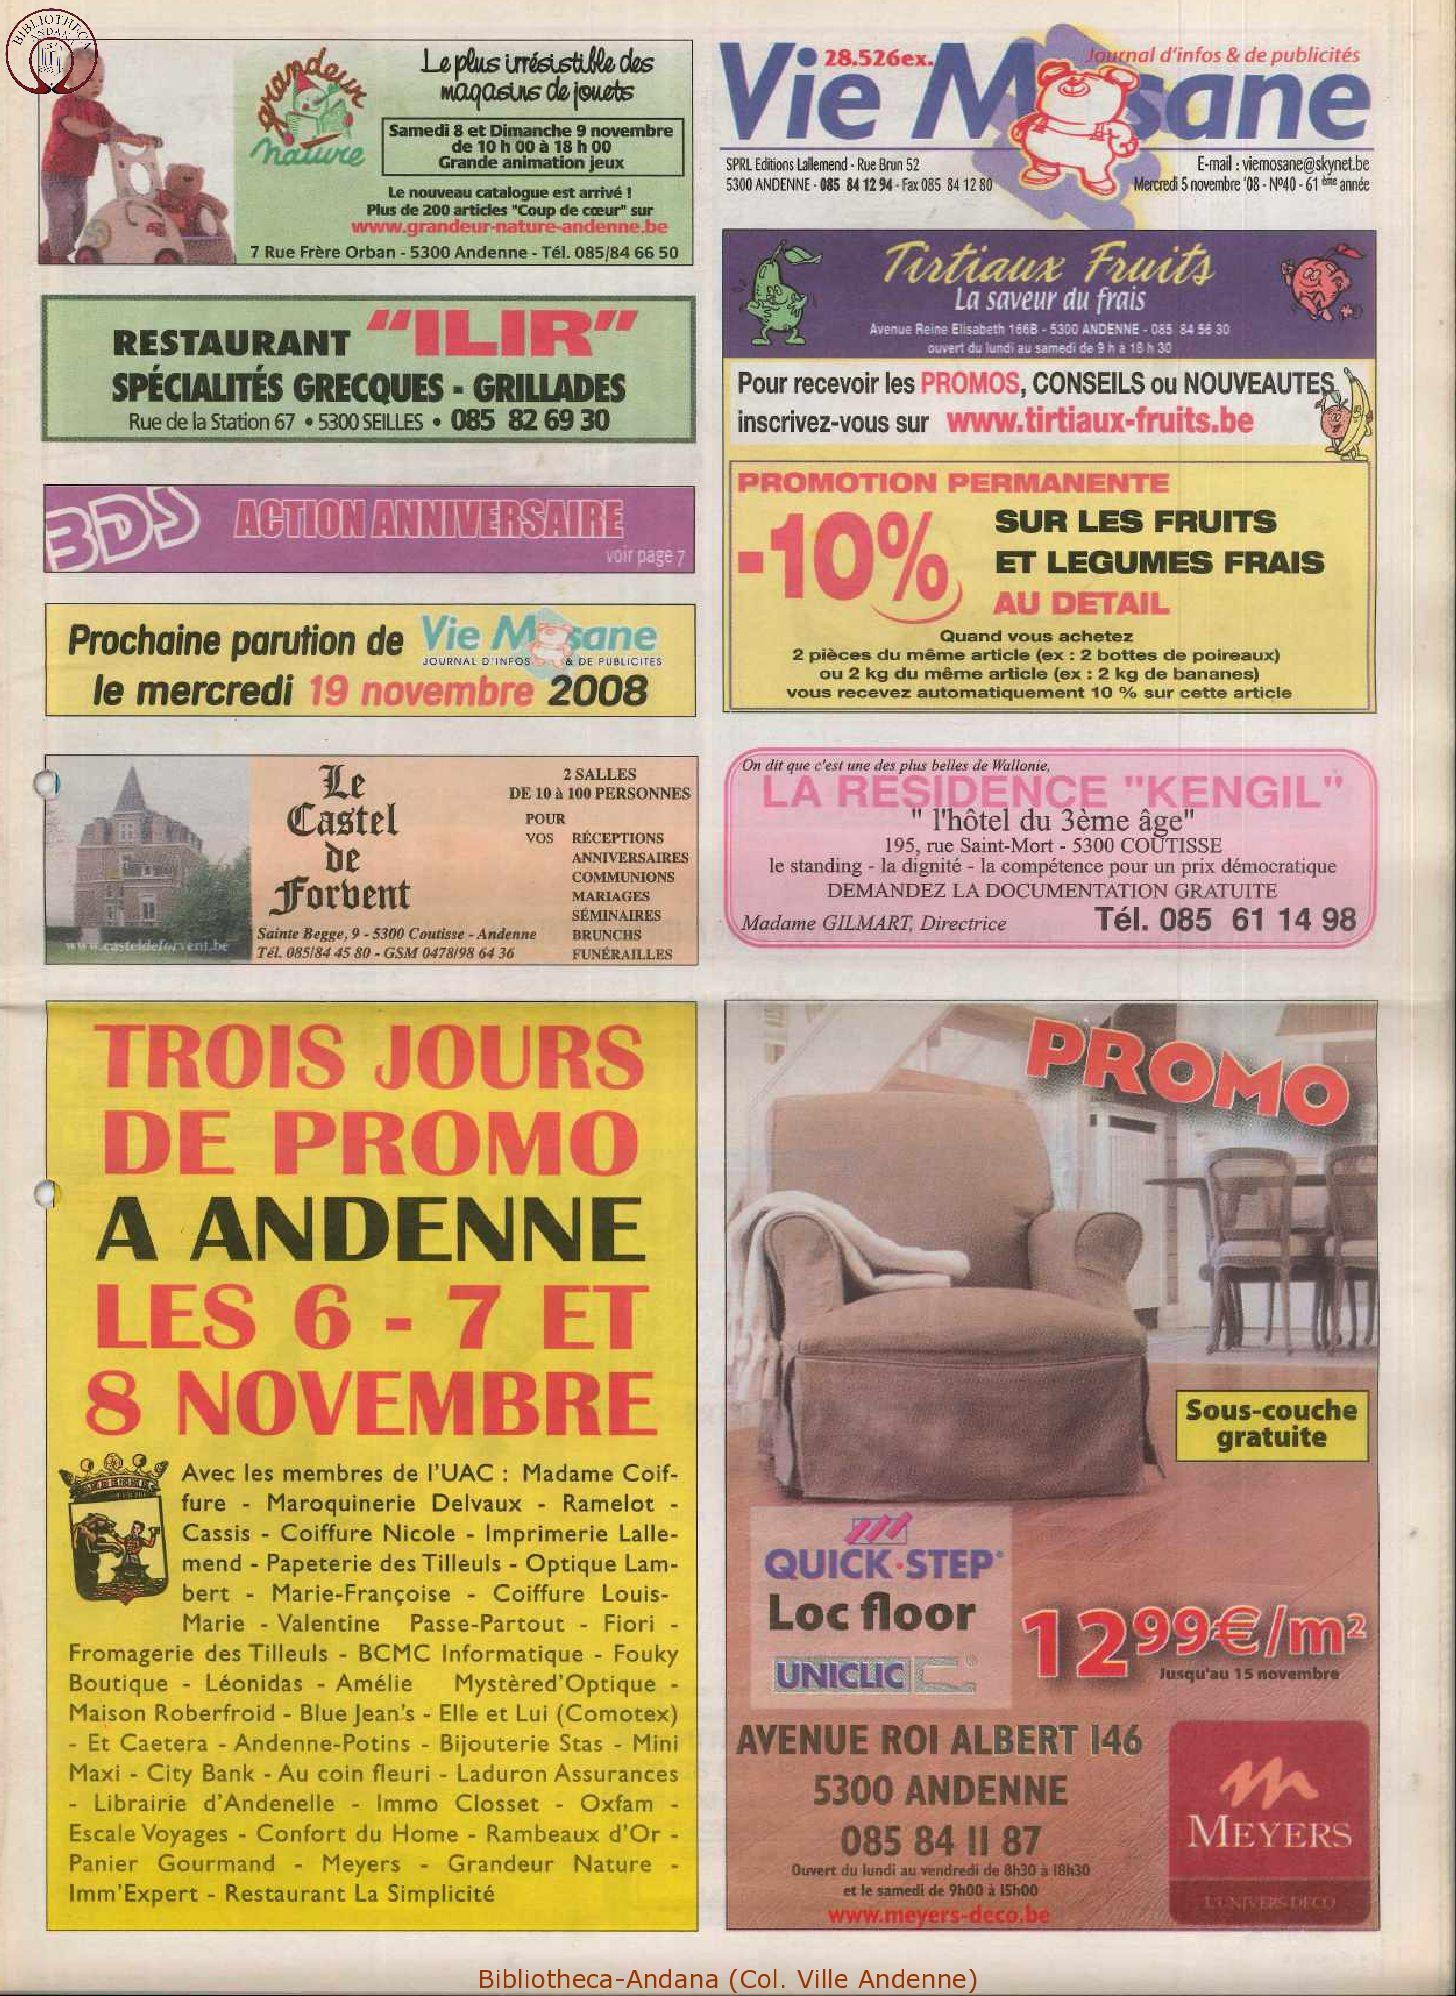 61e année - n°40 - 5 novembre 2008